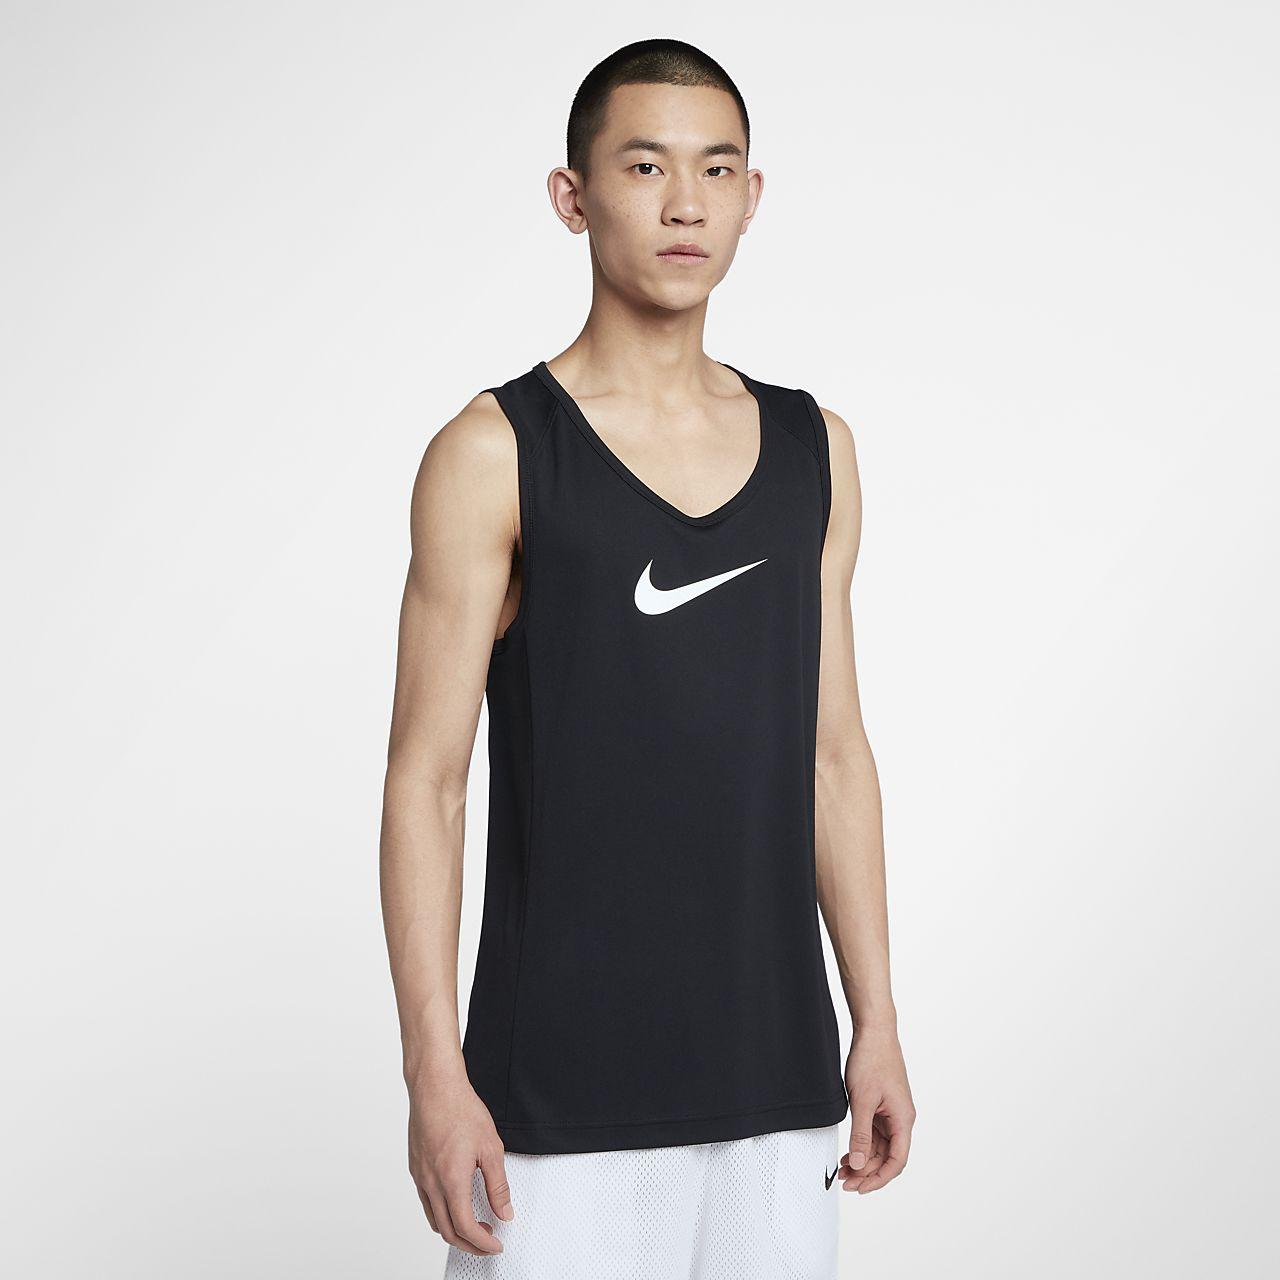 6299cafa9f6d9 Nike Dri-FIT Men s Basketball Tank. Nike.com